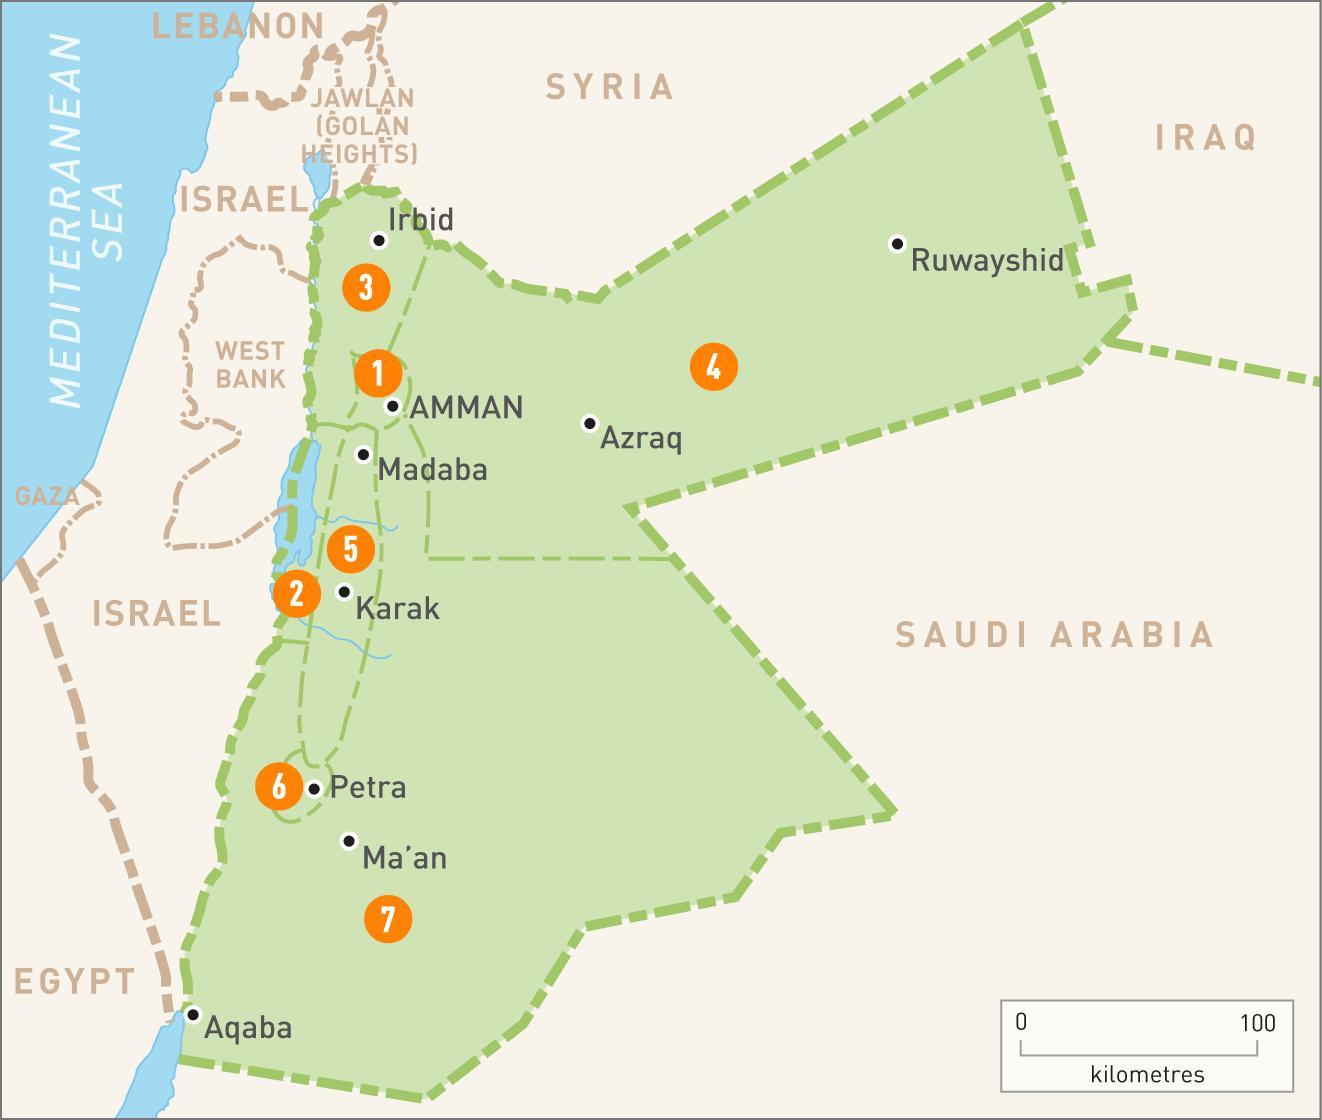 Jordanien Karte.Amman Karte Von Jordanien Amman Jordan Auf Der Karte West Asien